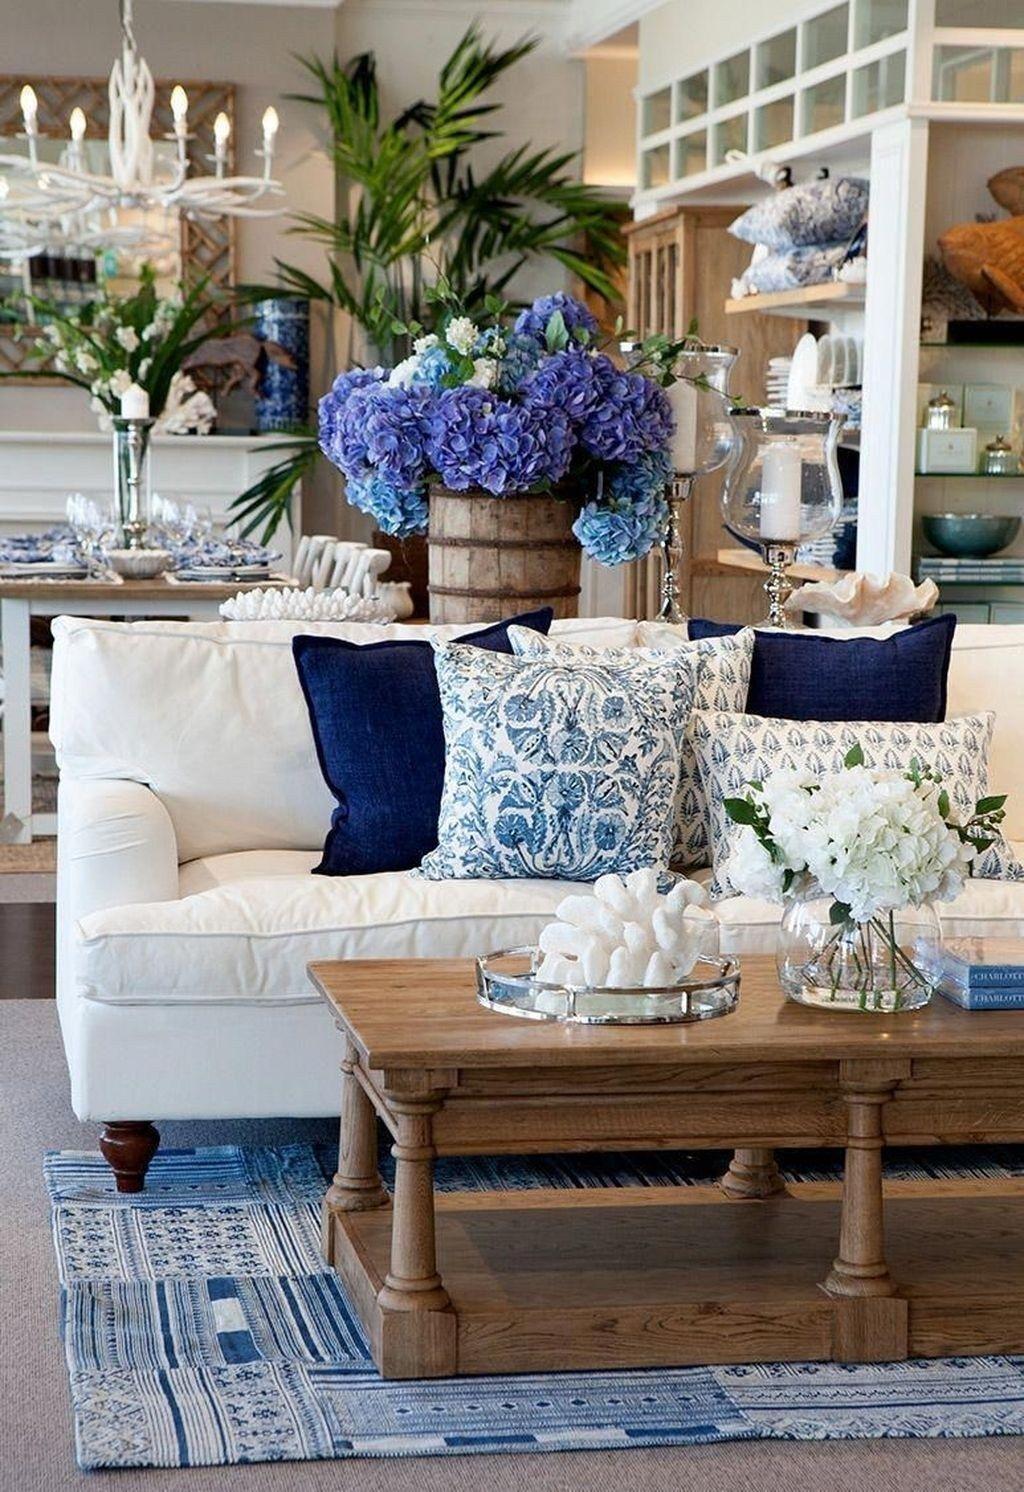 45 Magnifique Vie Cotiere Decoration De La Chambre D Idees 13 Il Peut Etre Inspire P Coastal Decorating Living Room Blue Living Room Beautiful Living Rooms